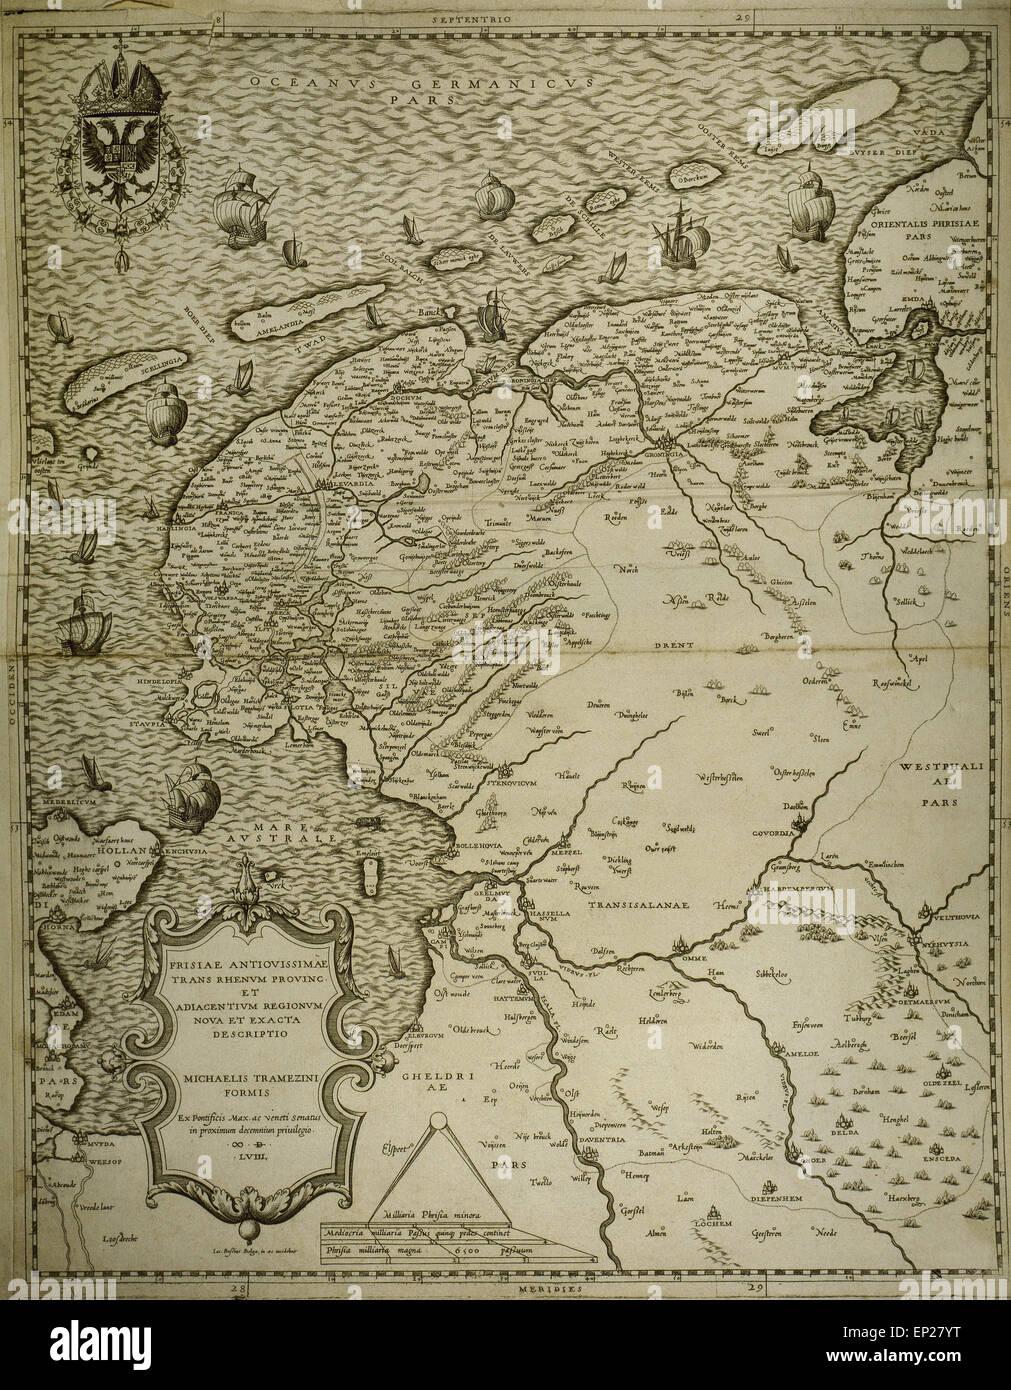 La frise. Carte de l'Amérique des Pays-Bas. Faites par Tramezini Michaelis, 1558. Imprimé par Iacobus Photo Stock